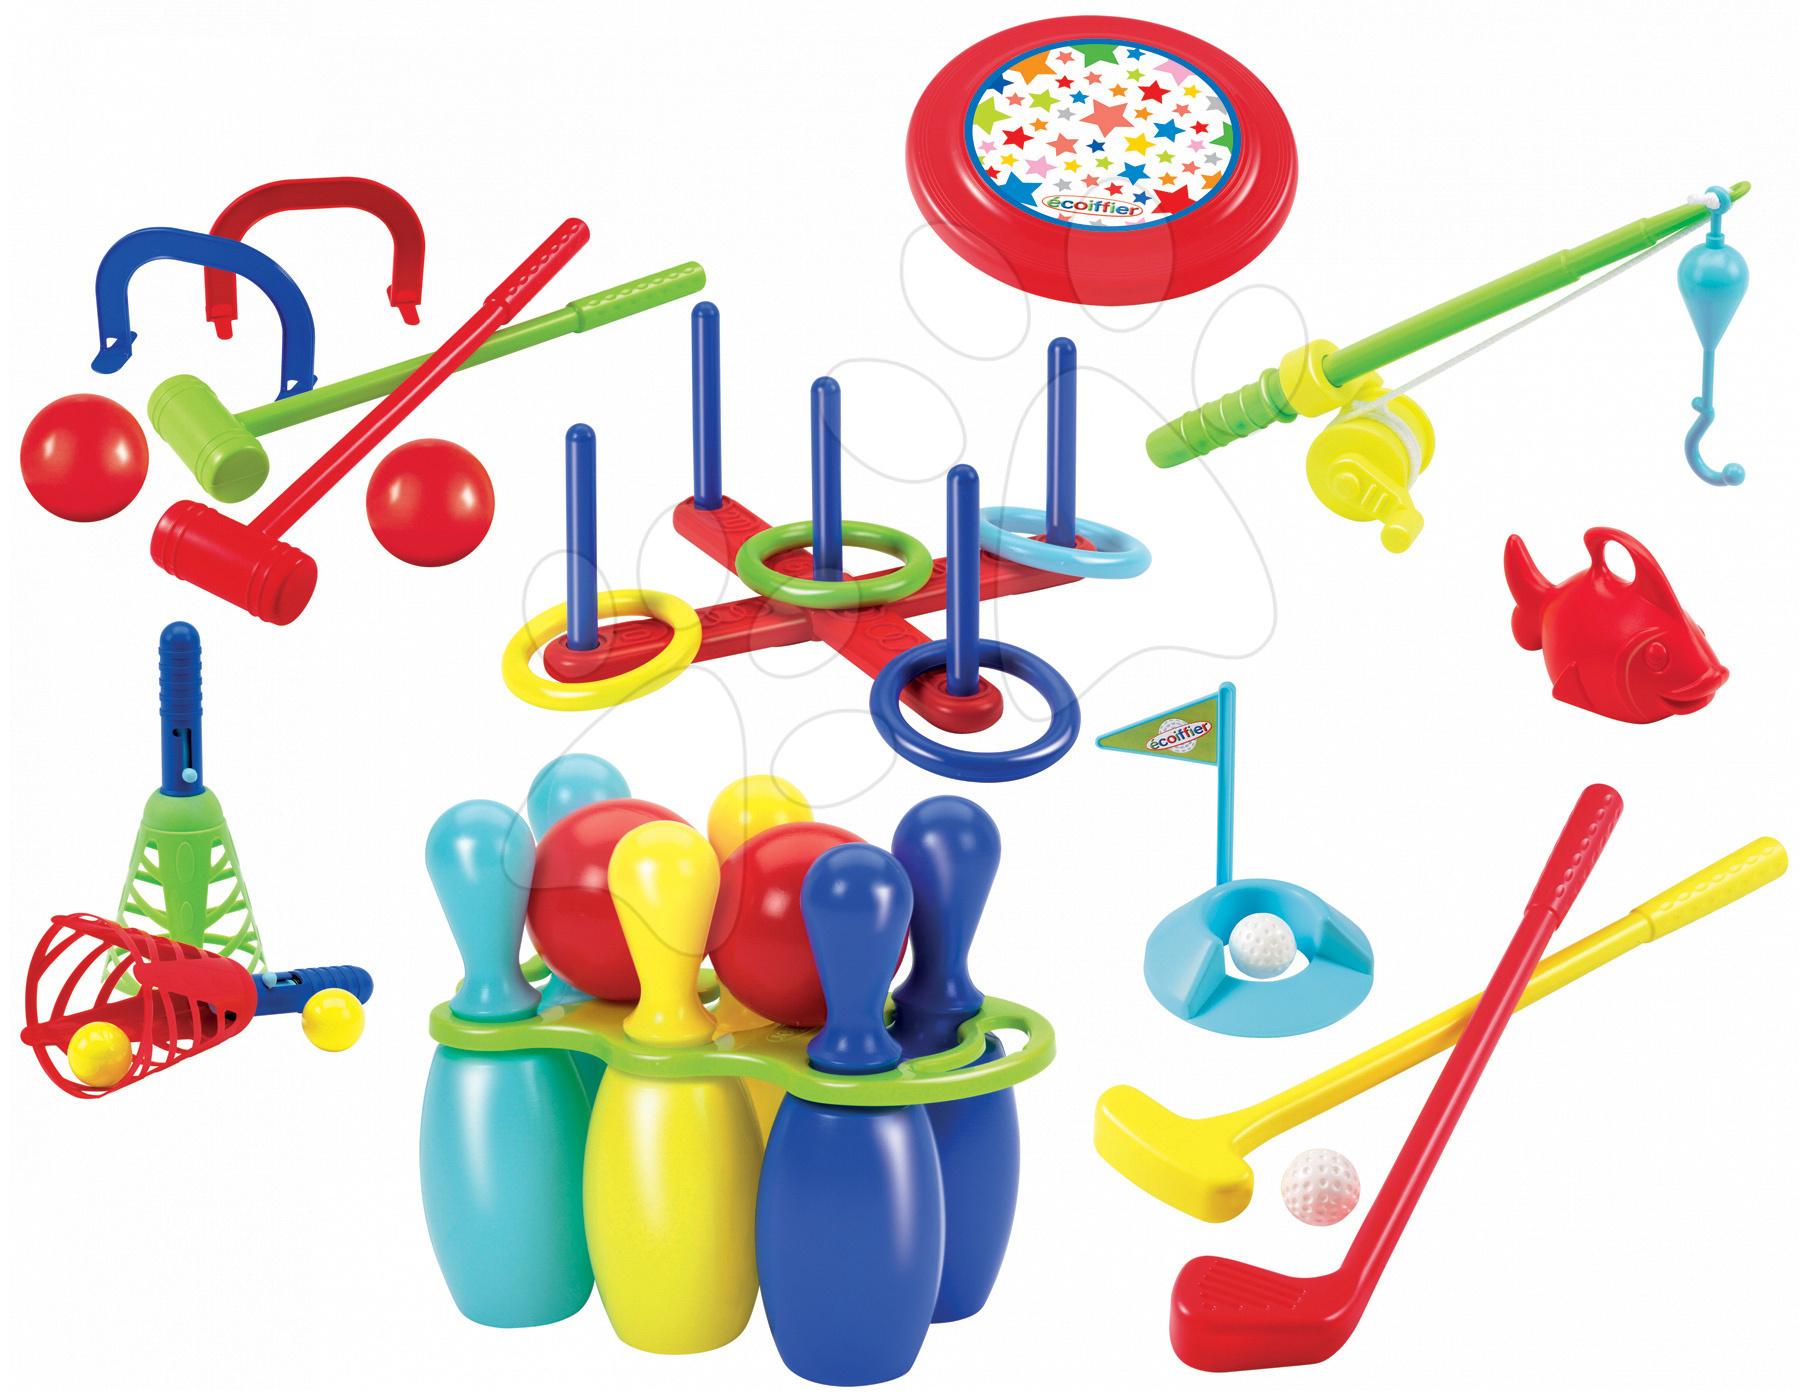 Sportovní hry pro nejmenší - Sportovní set 7 her Jardin Saisons Écoiffier kuželky, rybičky, golf, pólo, míčky a talíř na házení